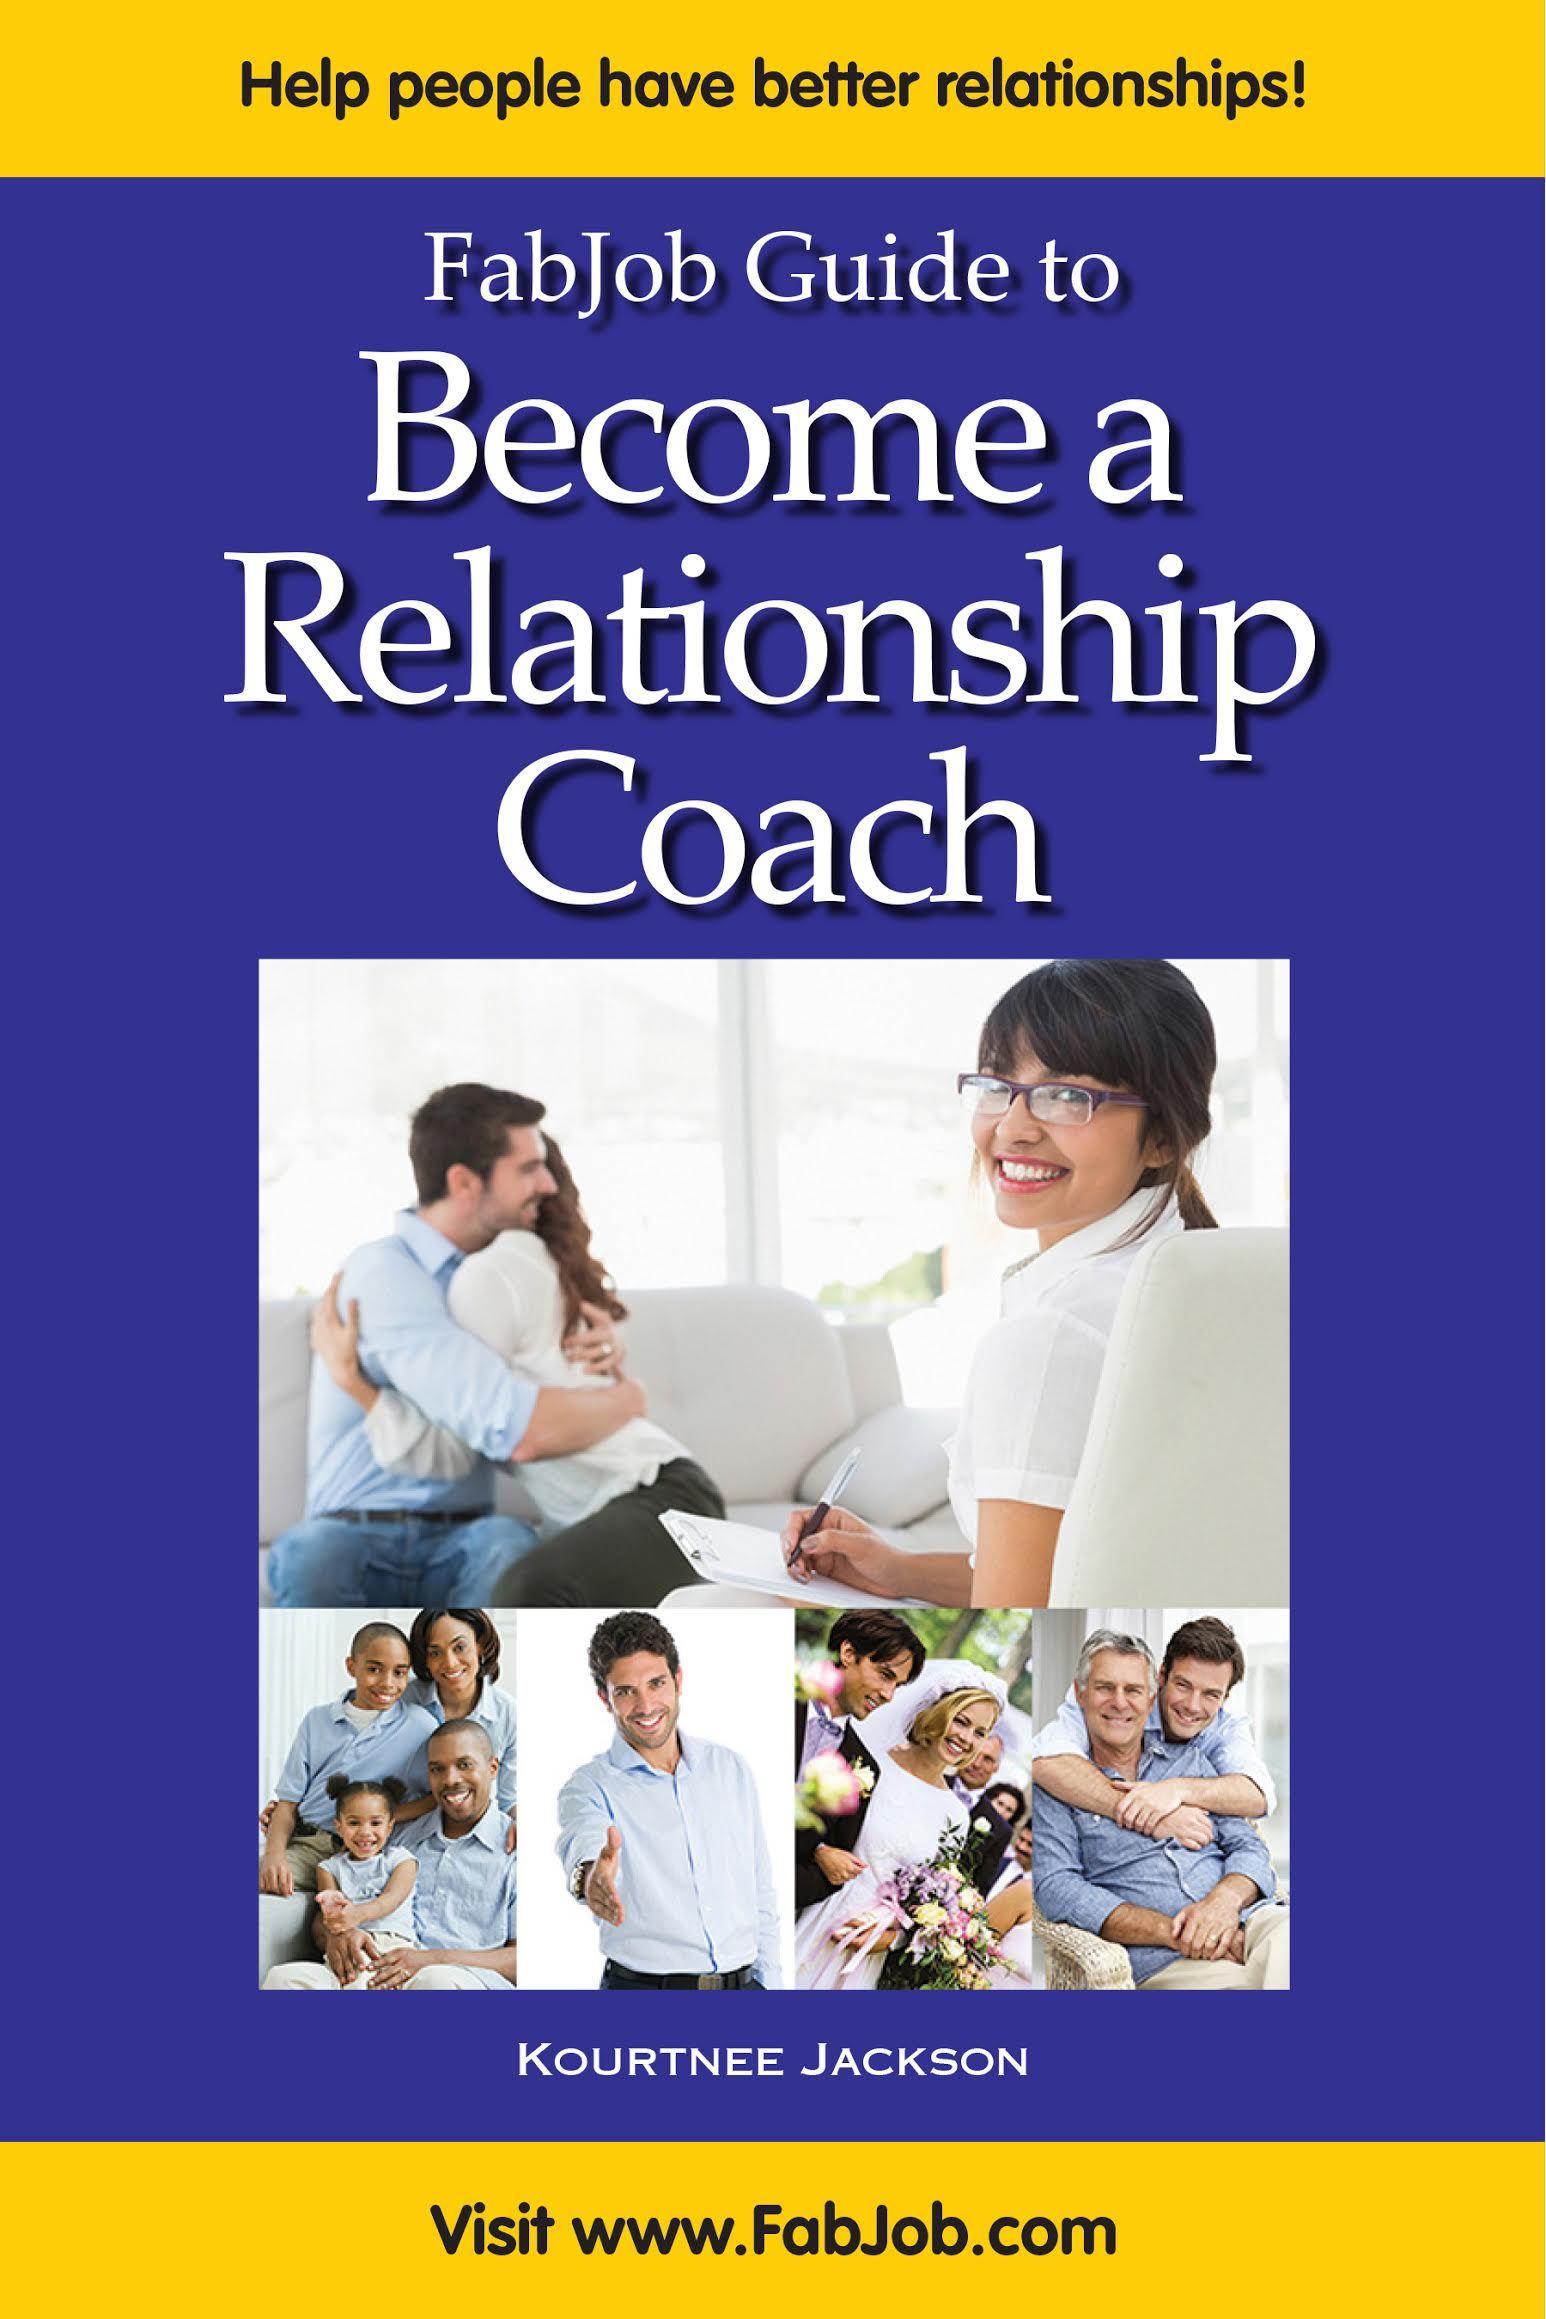 FabJob E-books - Dream Career Guides | Relationship coach